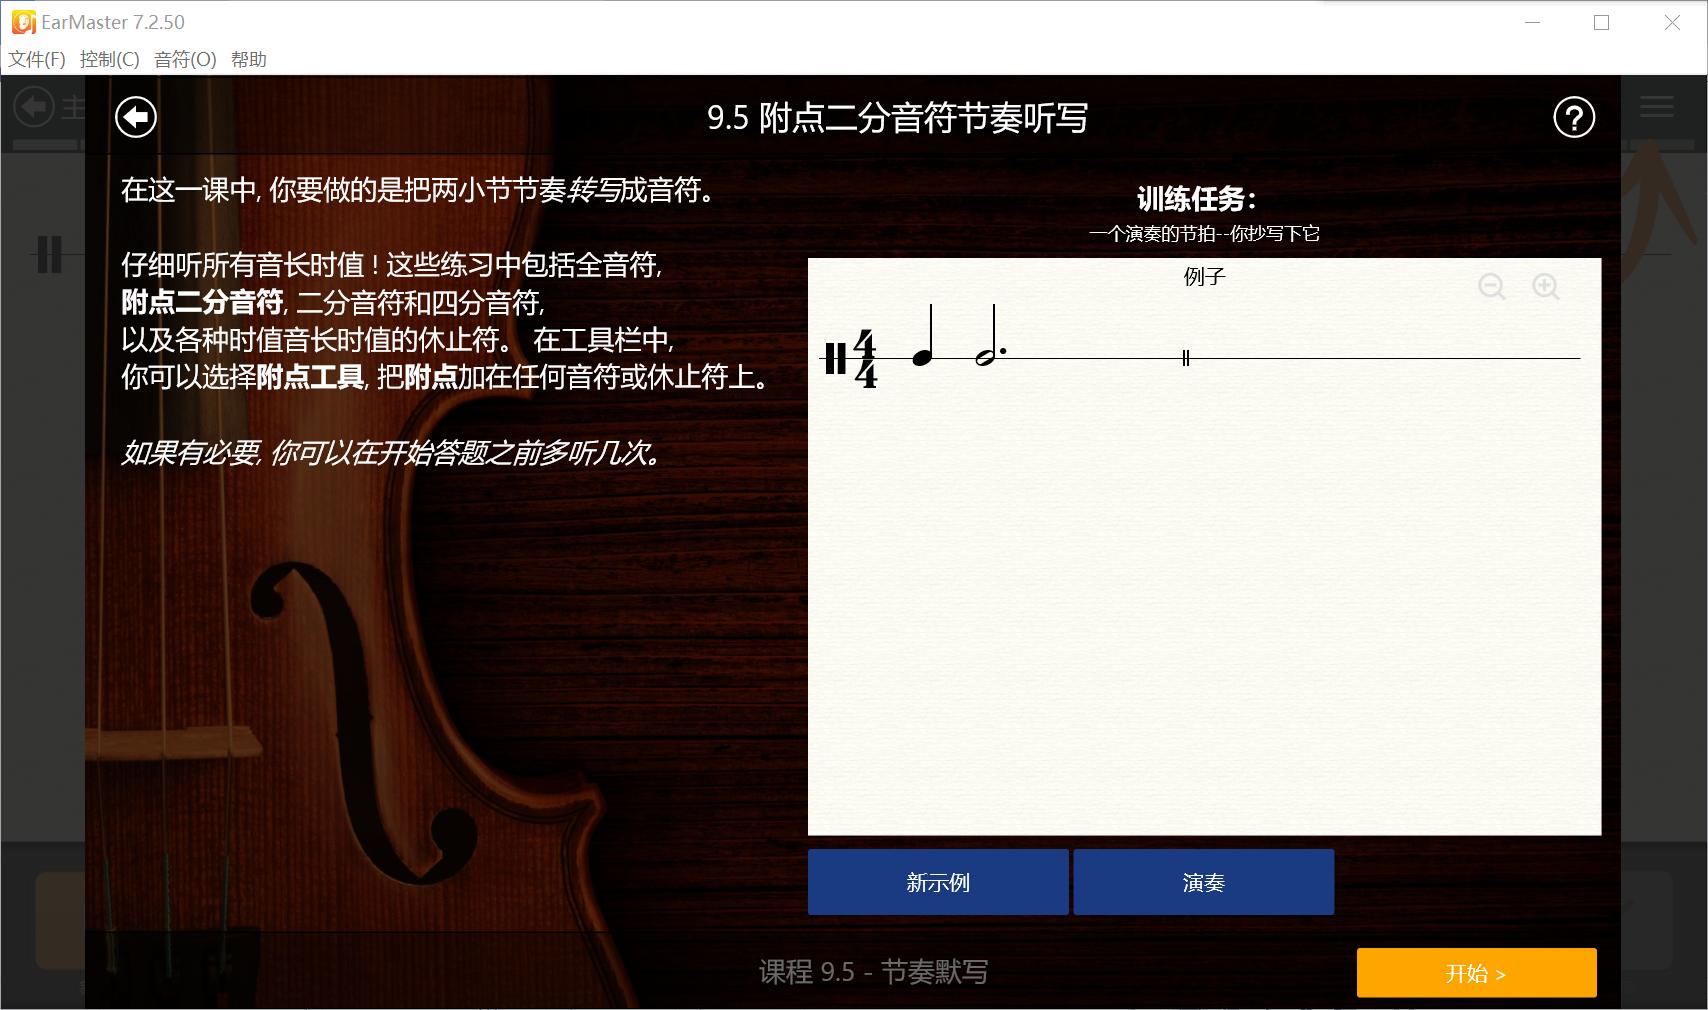 图8:节奏听写